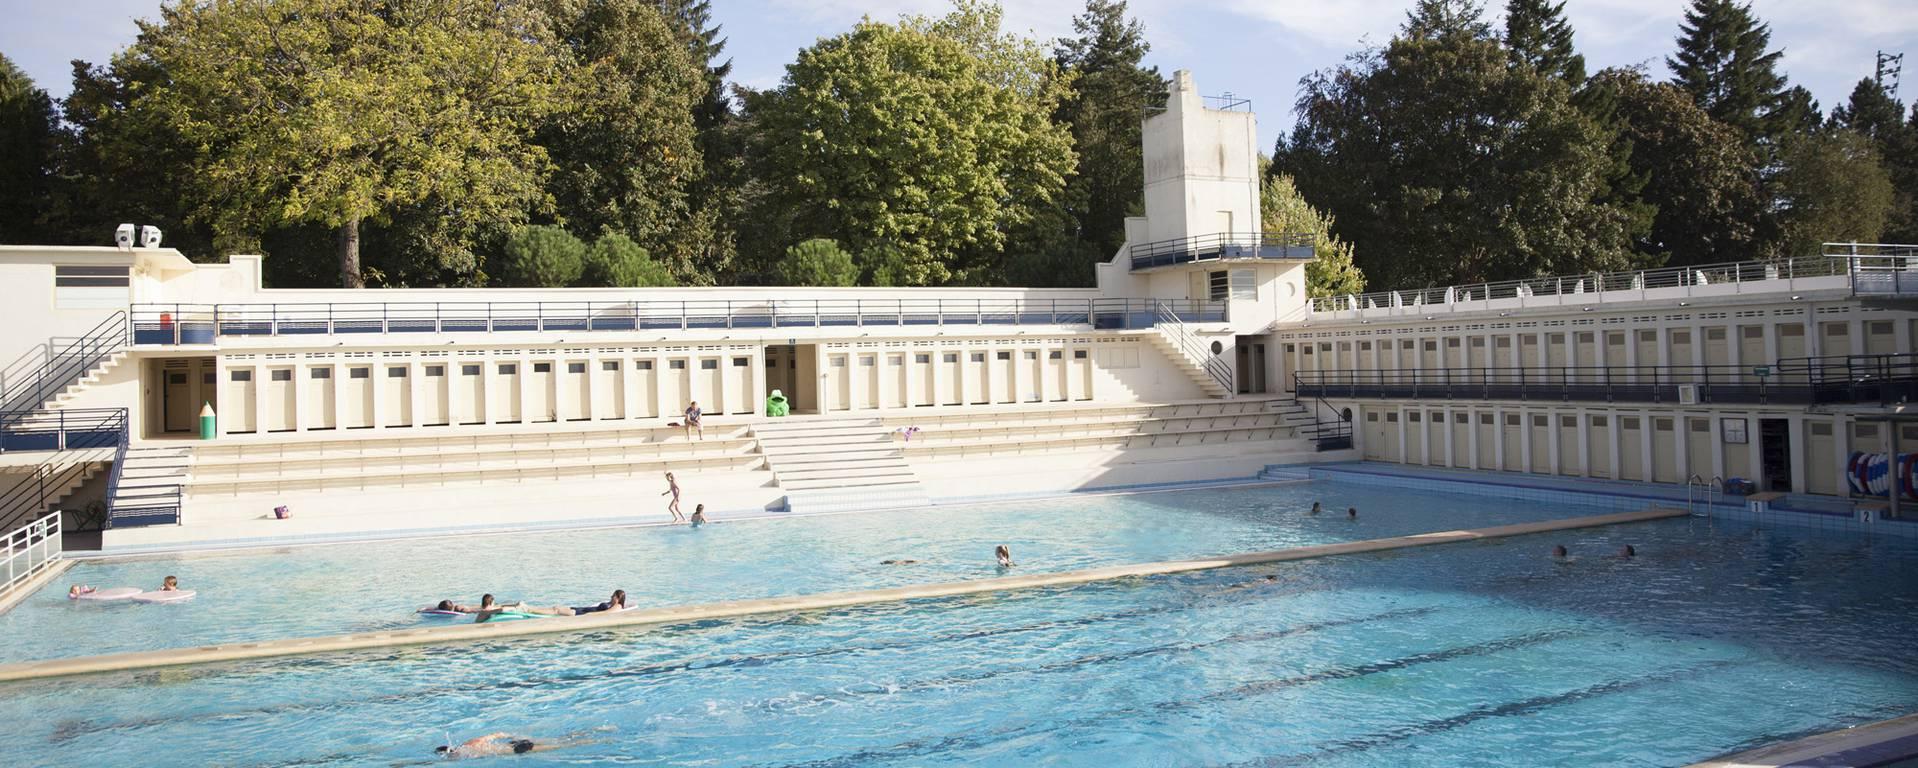 La piscine Art déco de Bruay-La-Buissière © Brigitte Baudesson